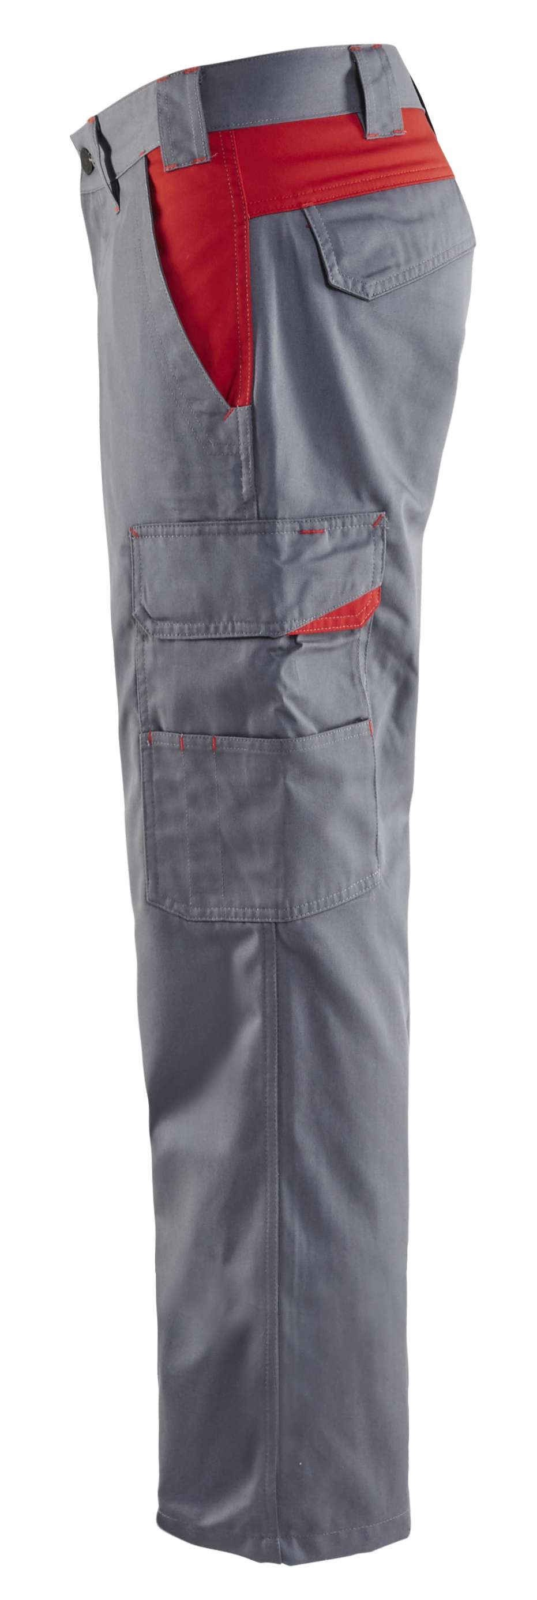 Blaklader Broeken 14041800 grijs-rood(9456)